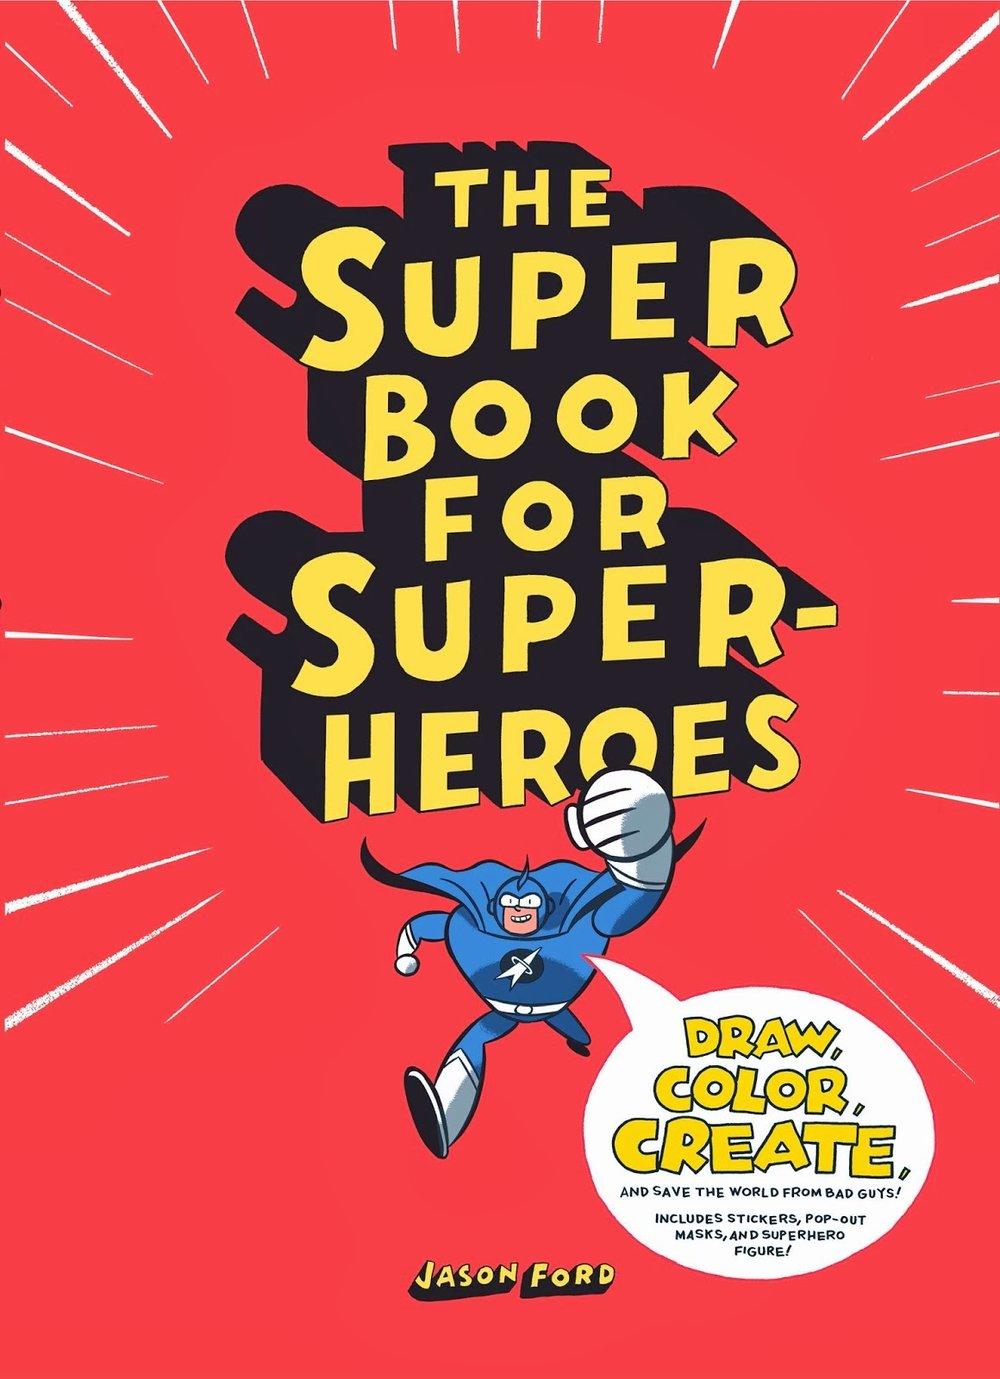 SuperBookforSuperHeroes.jpg